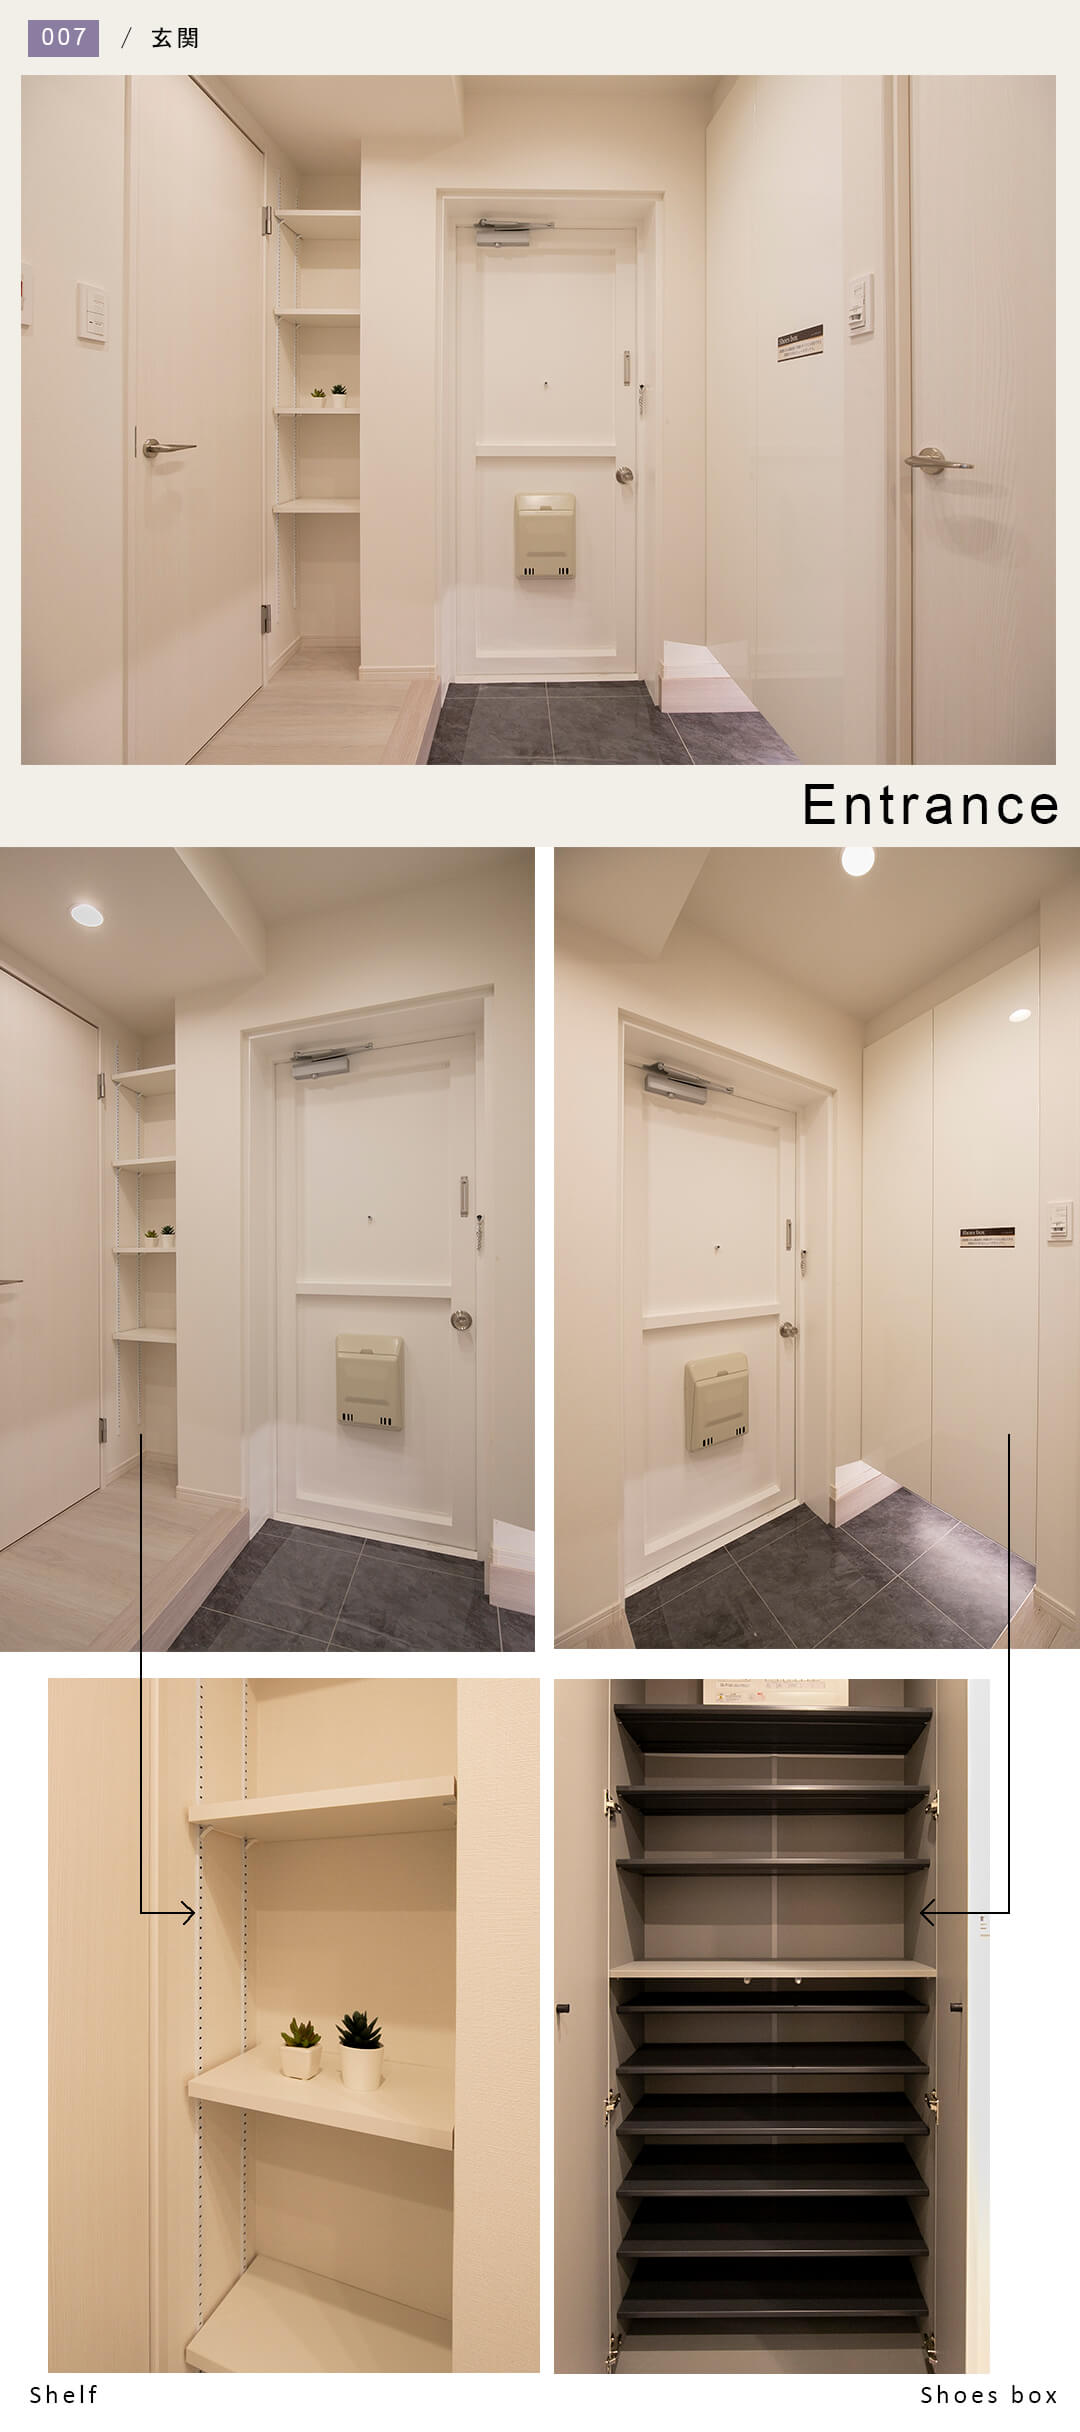 四谷軒第5経堂シティコーポの玄関